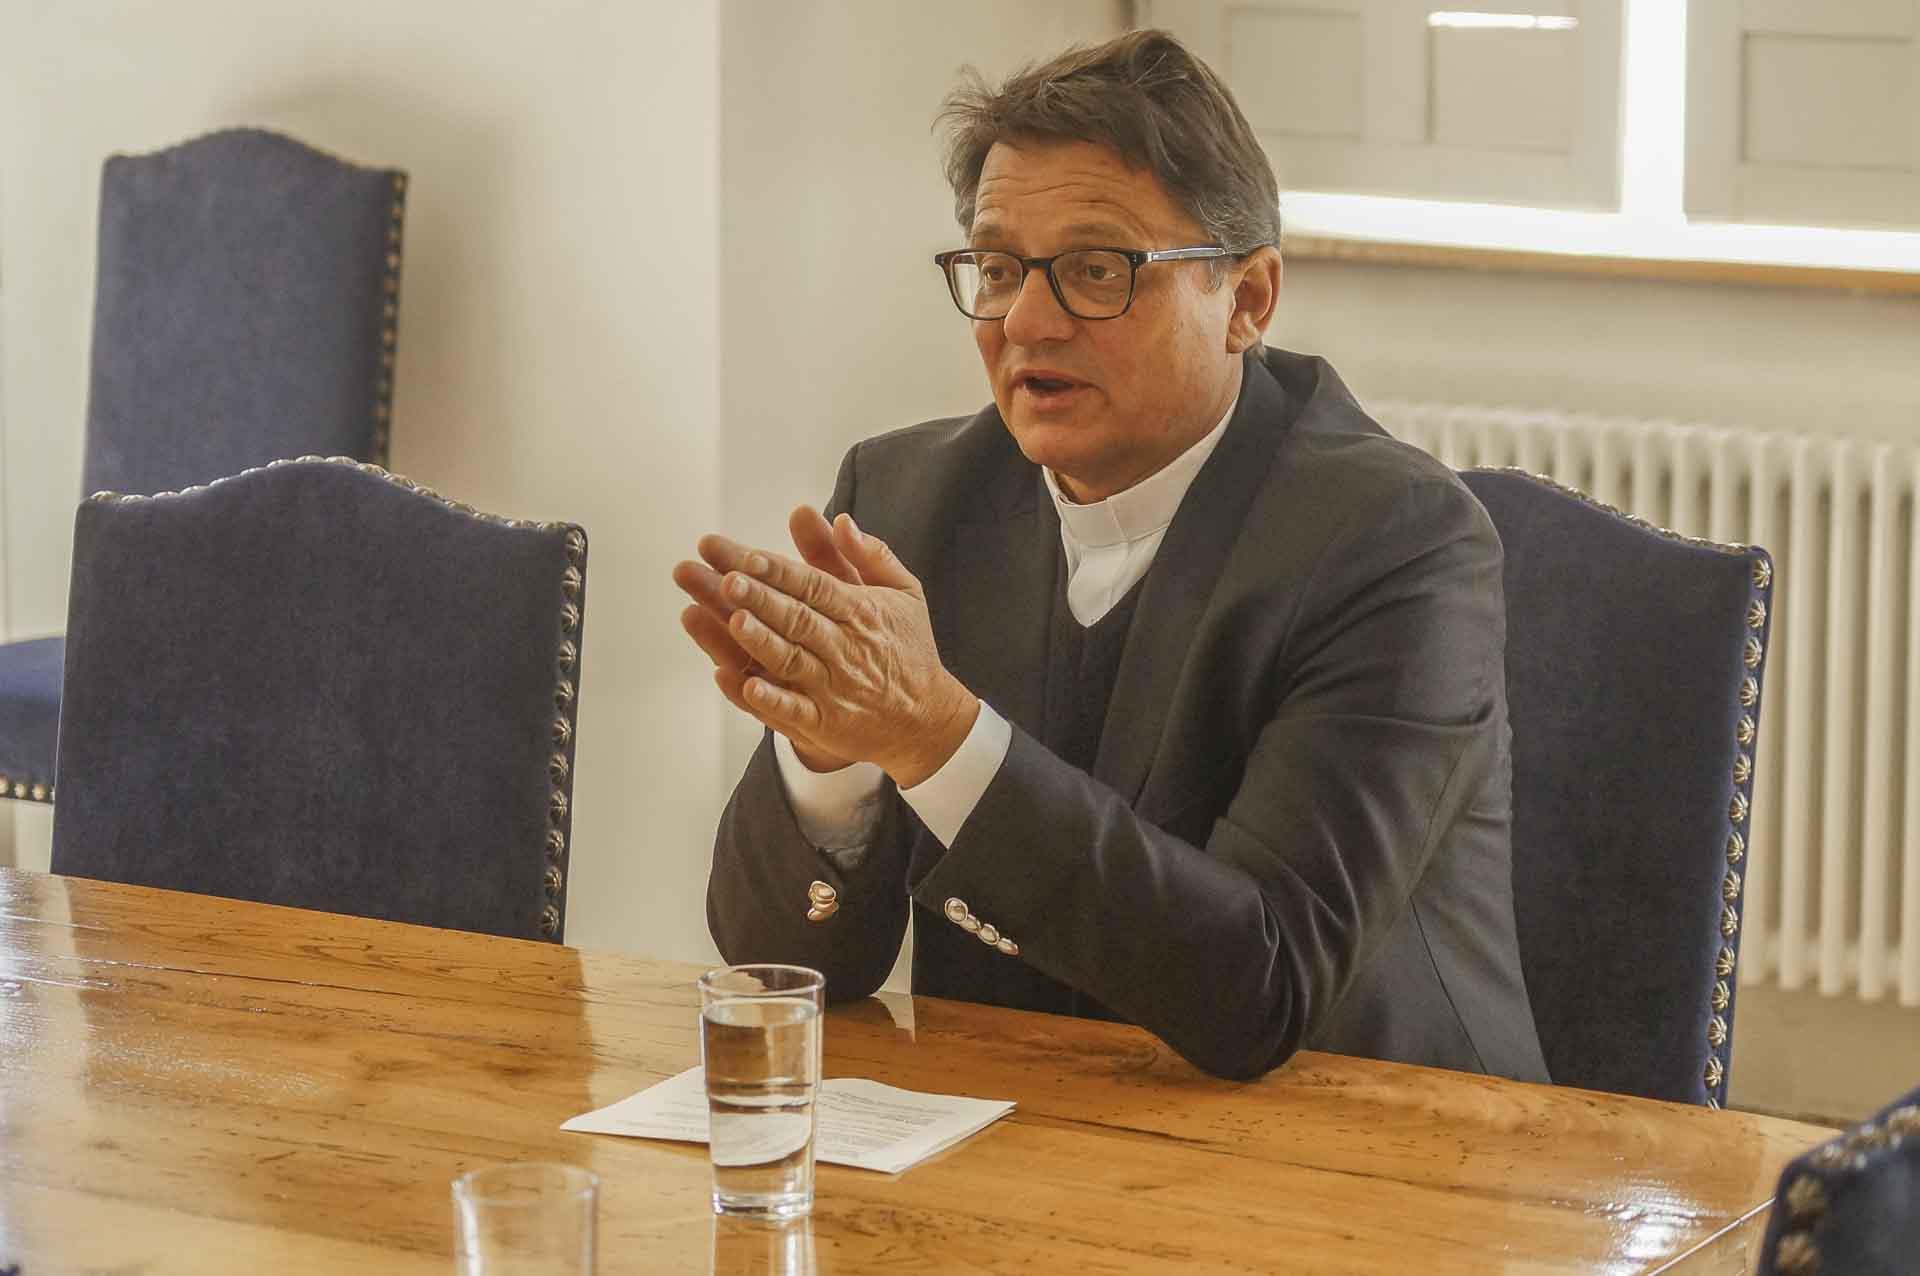 «Die Kirche muss die Strukturen, die Fehlverhalten begünstigen, überdenken»: Felix Gmür, Bischof des Bistums Basel und Präsident der Schweizer Bischofskonferenz. | © 2019 Detlef Kissner